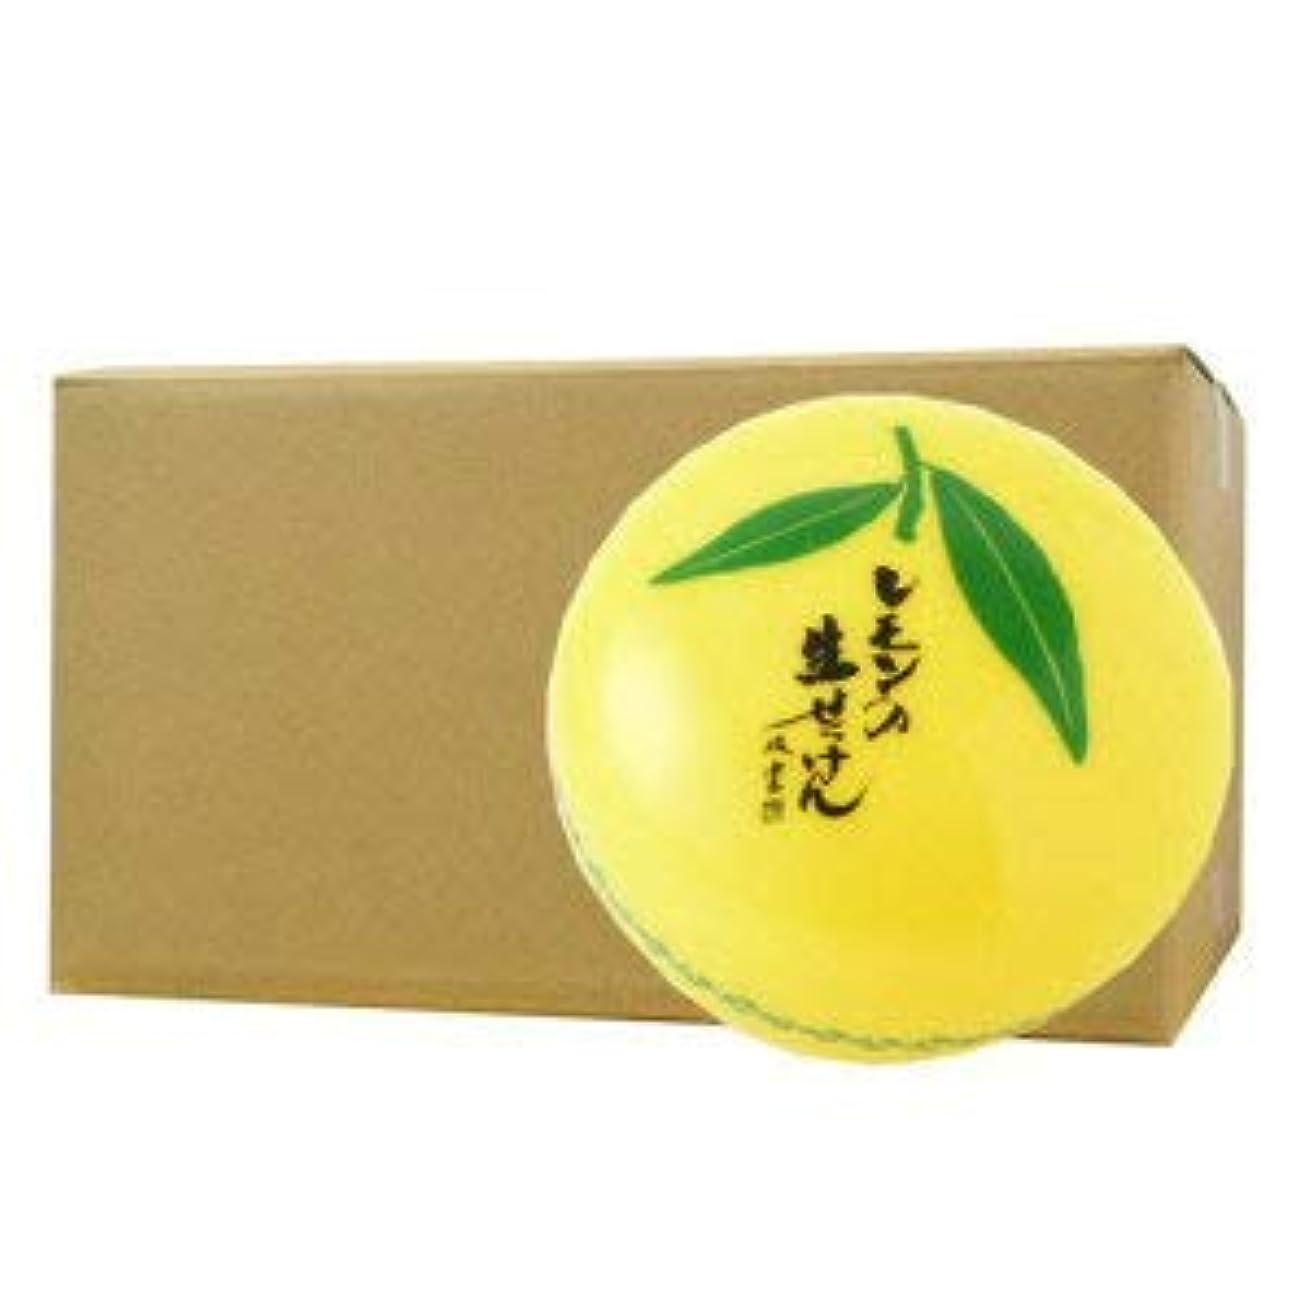 脆い未就学義務づけるUYEKI美香柑レモンの生せっけん50g×72個セット